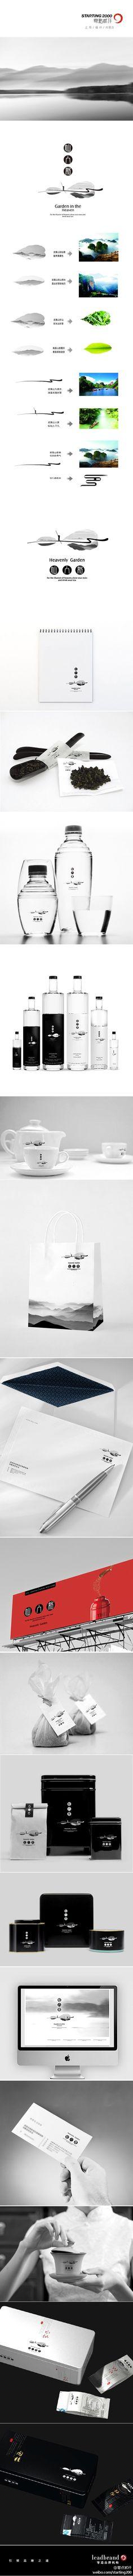 仙人栽茶叶品牌设计